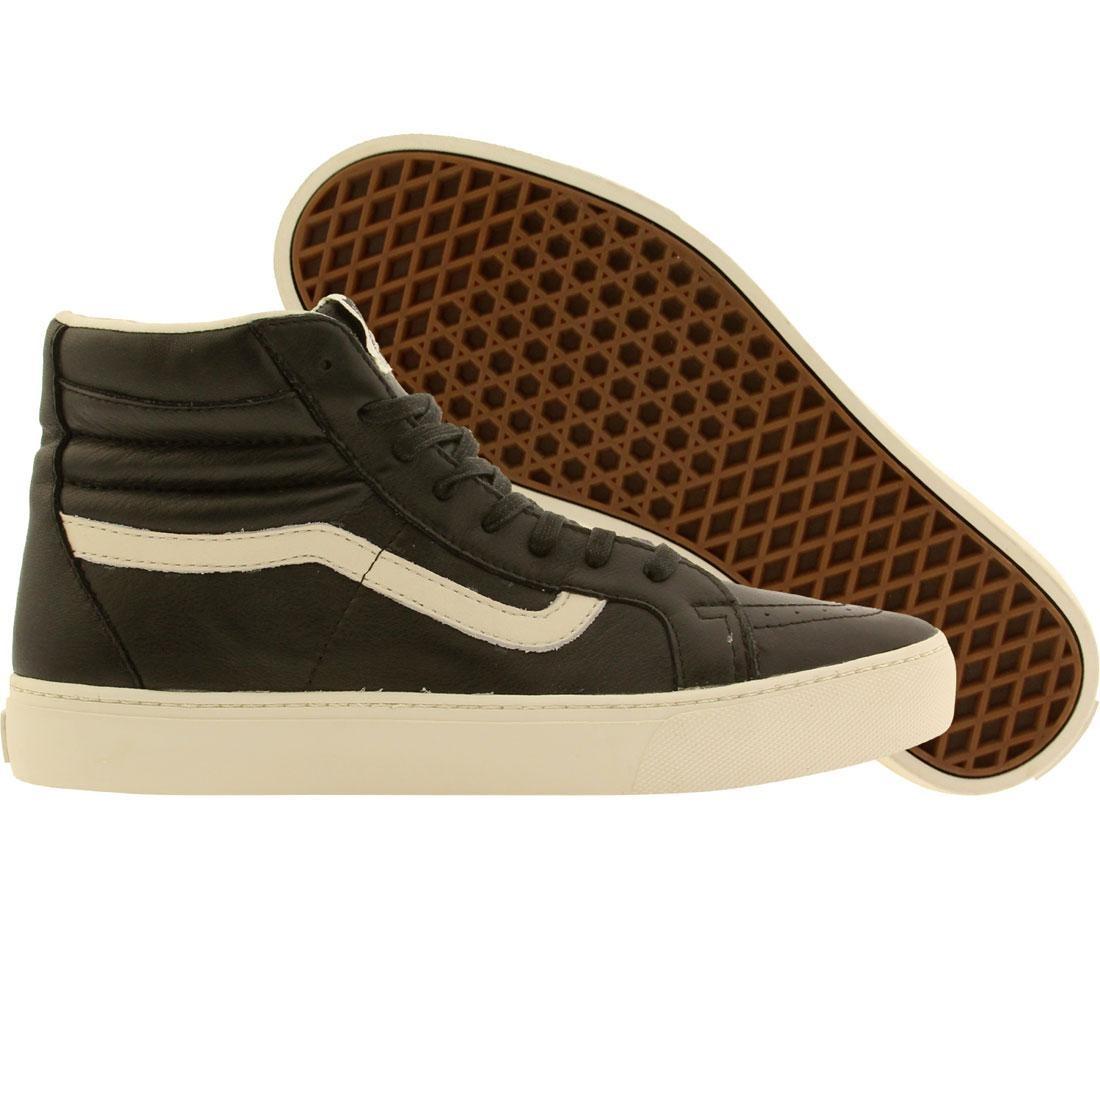 2ef6d6326ebf Vans Men Sk8-Hi Cup CA - Leather black whisper white